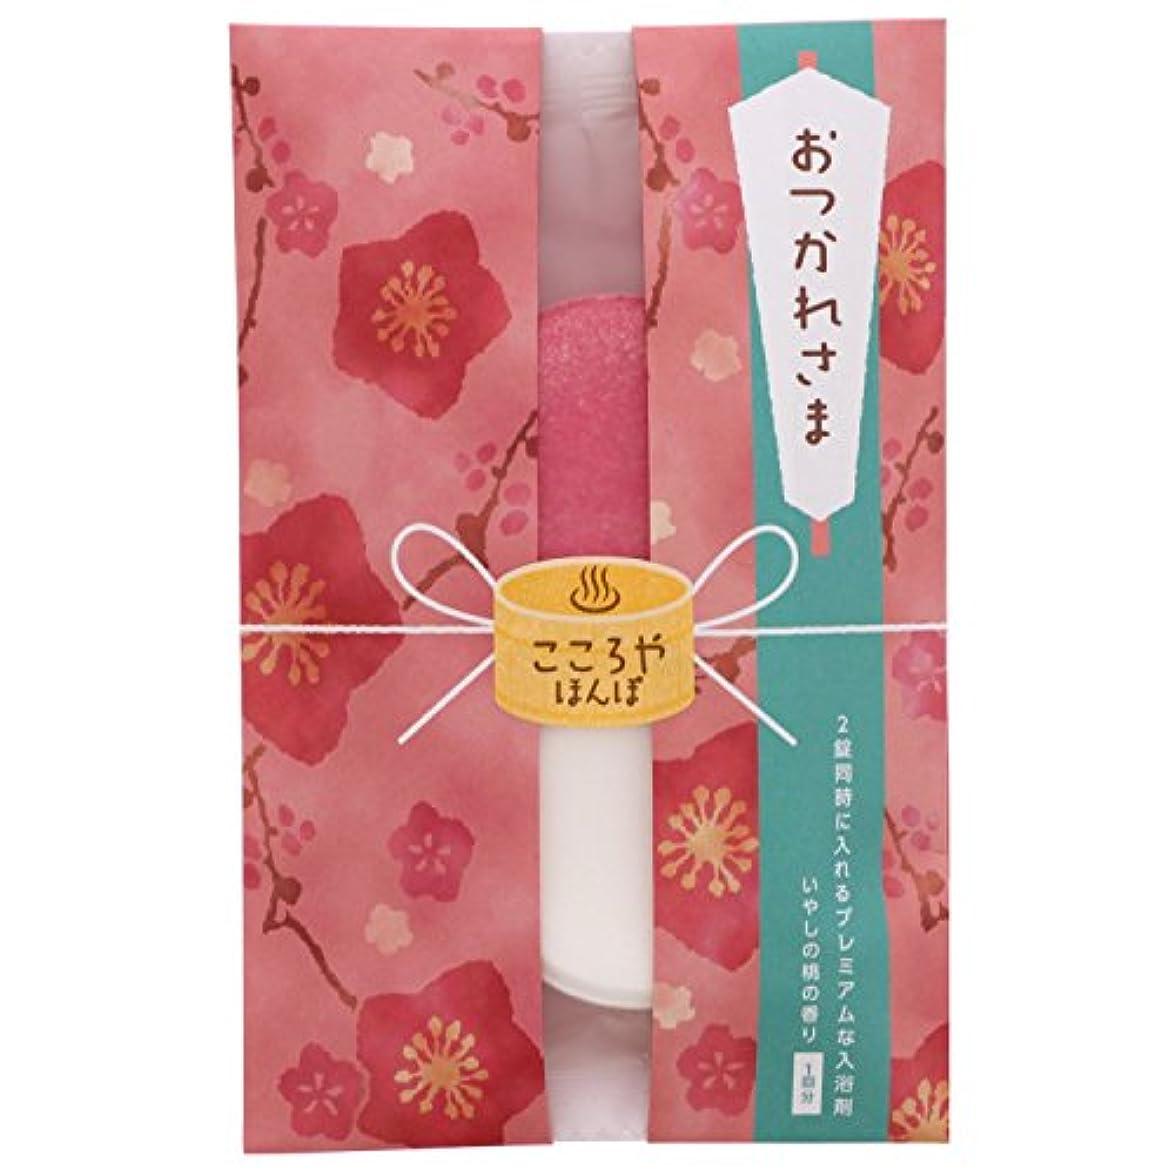 前投薬説教する多用途こころやほんぽ カジュアルギフト 入浴剤 おつかれさま 桃の香り 50g